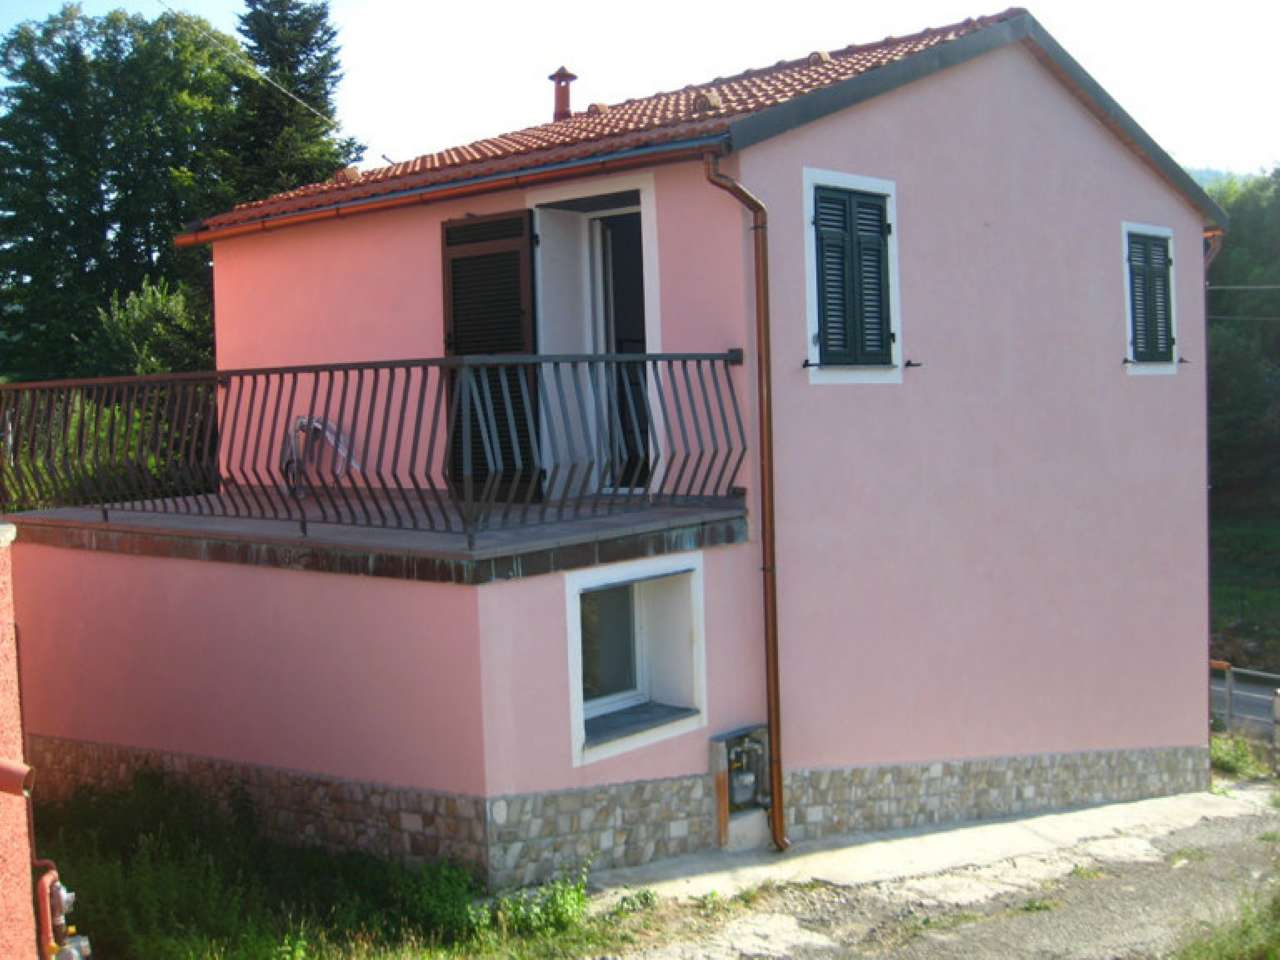 Soluzione Indipendente in vendita a Brugnato, 4 locali, prezzo € 175.000 | CambioCasa.it